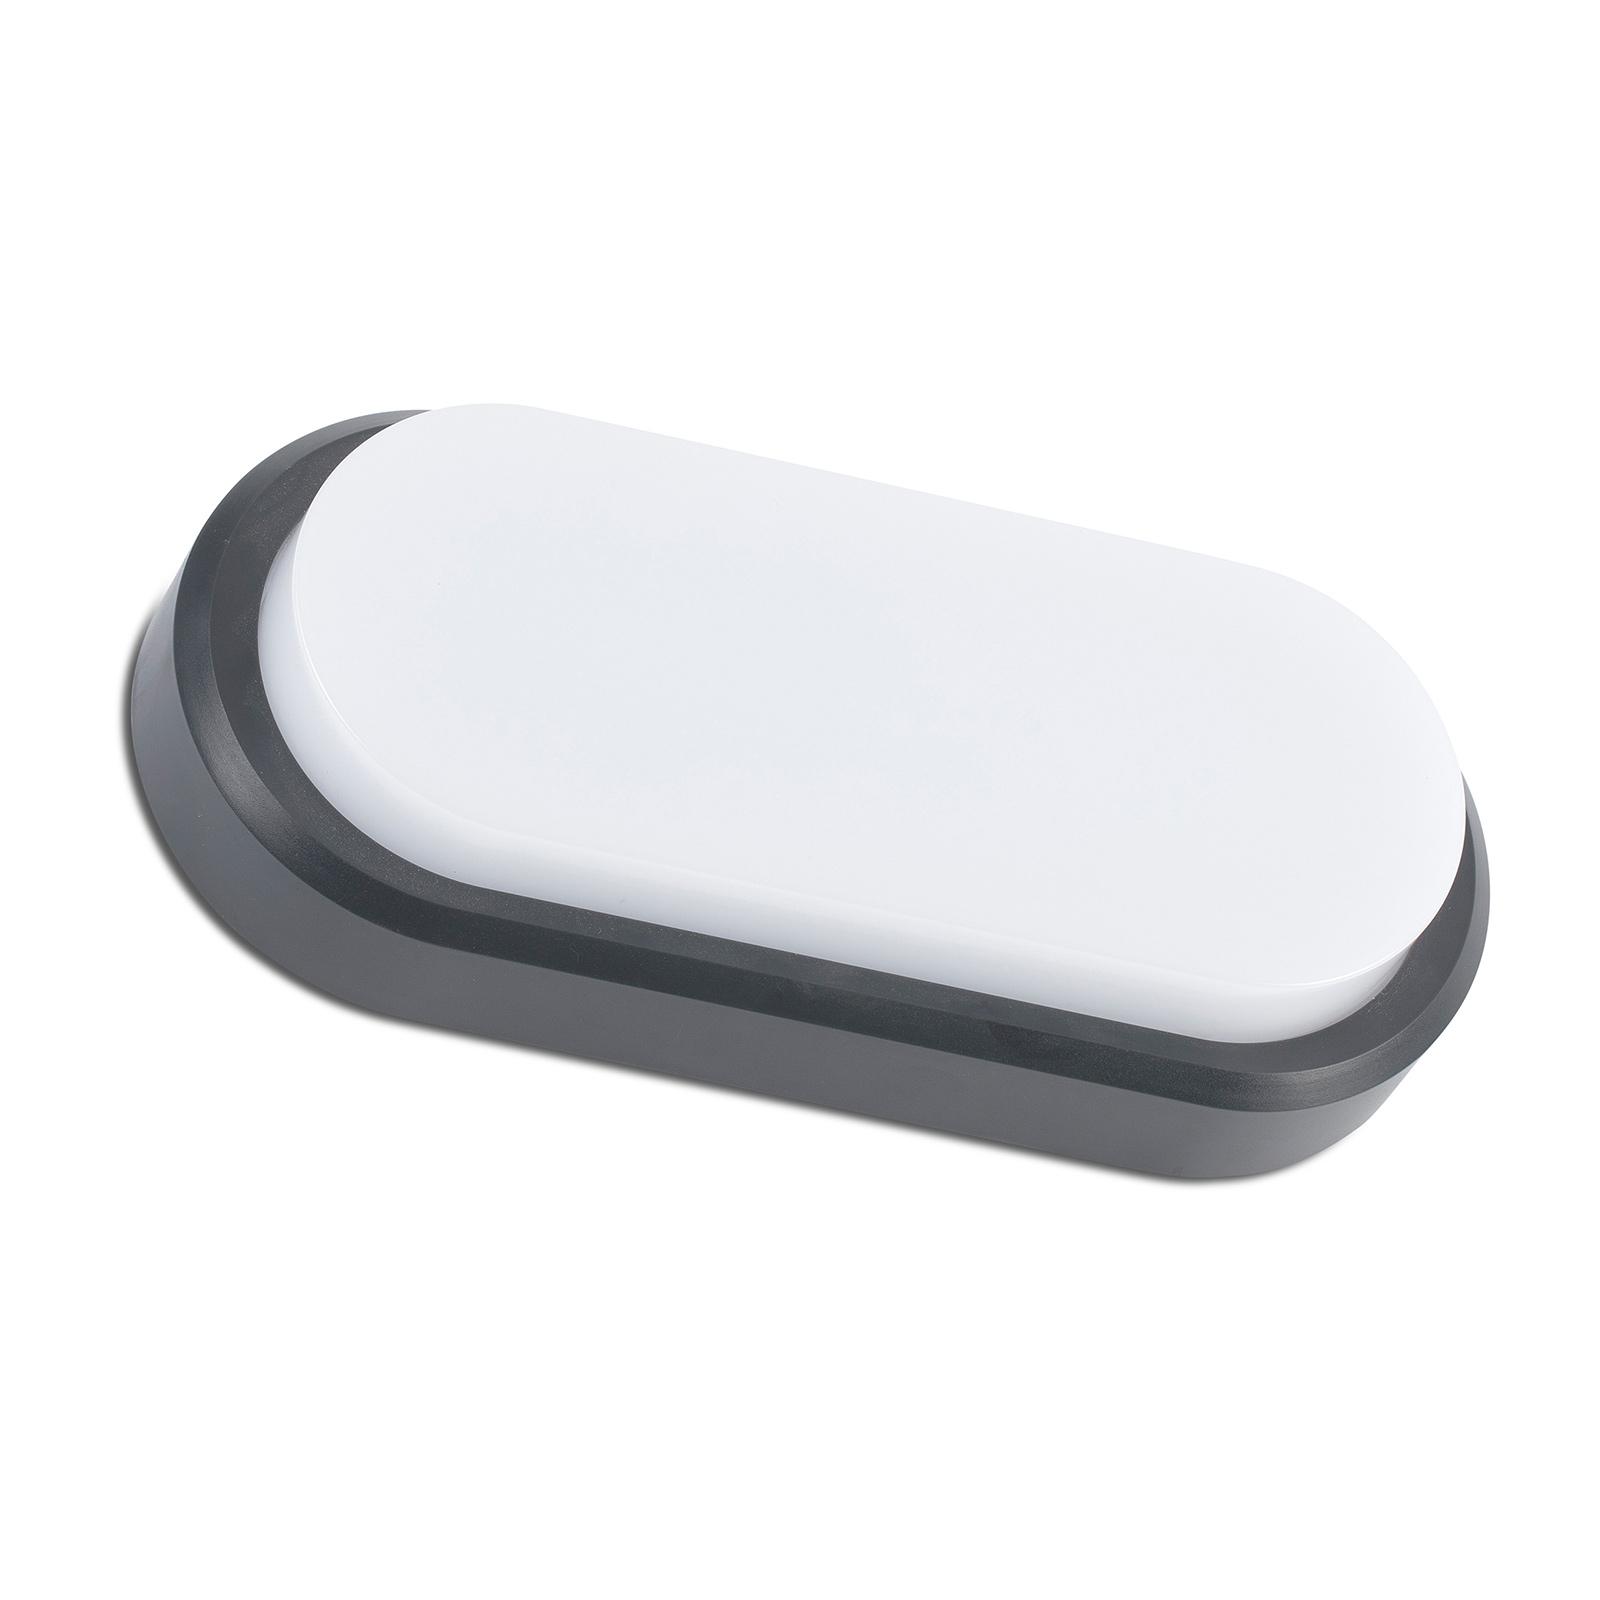 Utendørs LED-vegglampe Fred XL IK10, mørkegrå/hvit